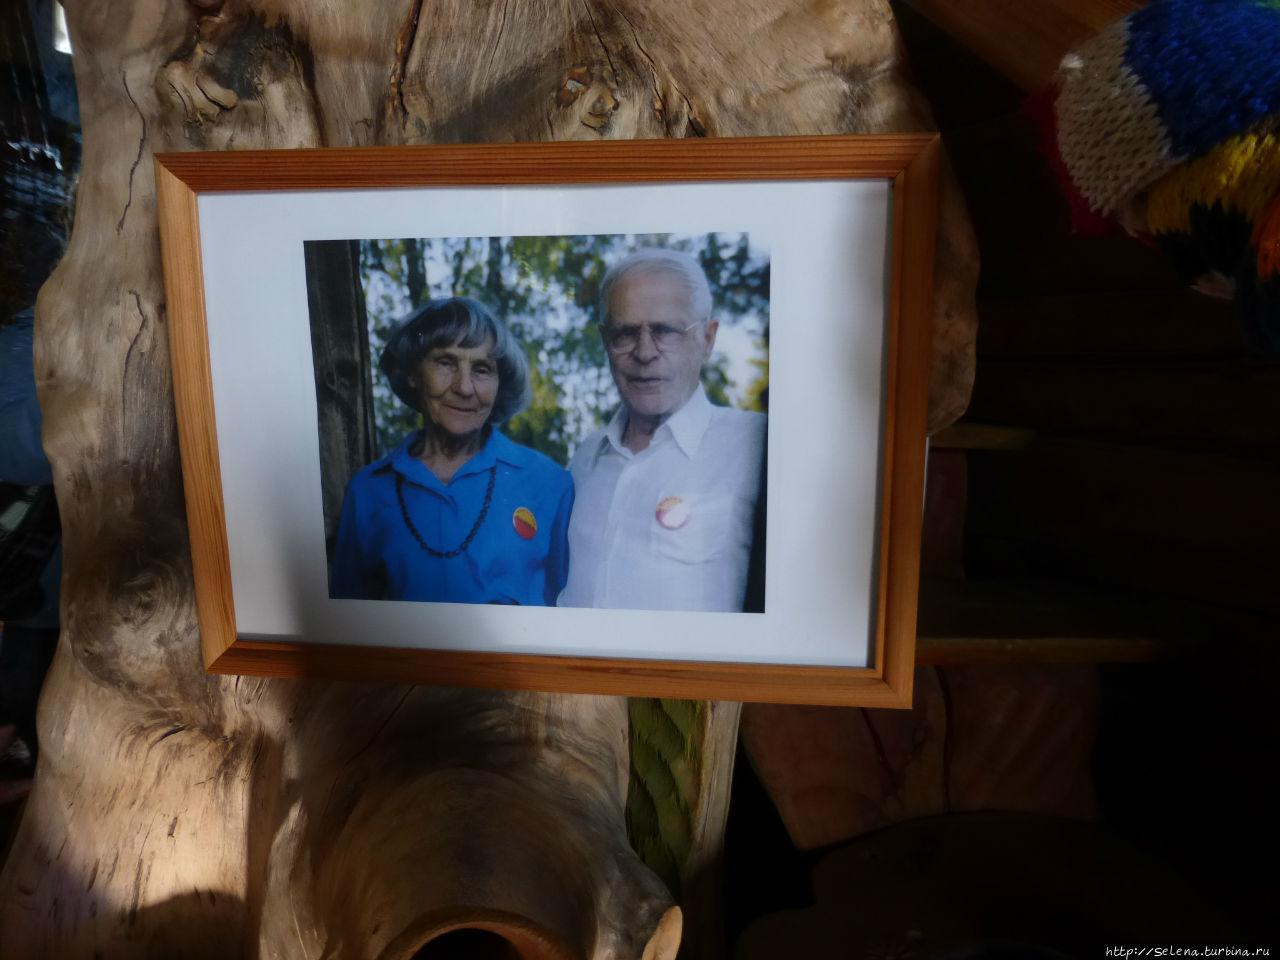 Фотография Эвы и ее мужа